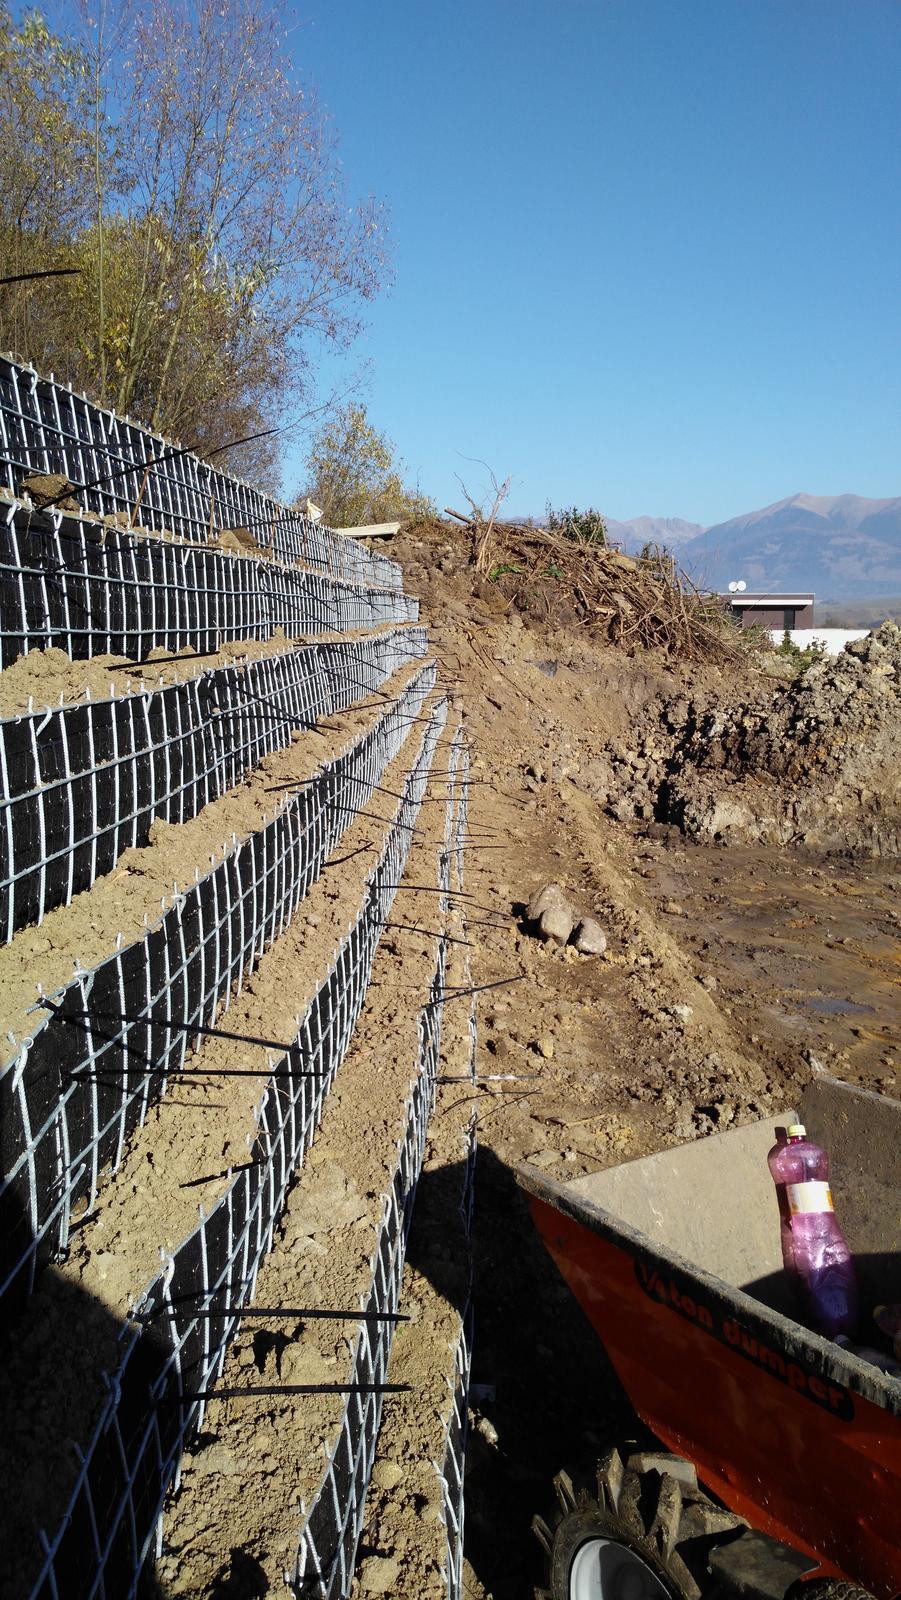 16. Problematický pozemok ( doplnené 21.8.2020 ) - 2019 10 Do odsadenia panelov bude vysadený skalník, ktorý pokryje aj zvislé plochy. Pre nepriazeň počasia boli práce prerušené.